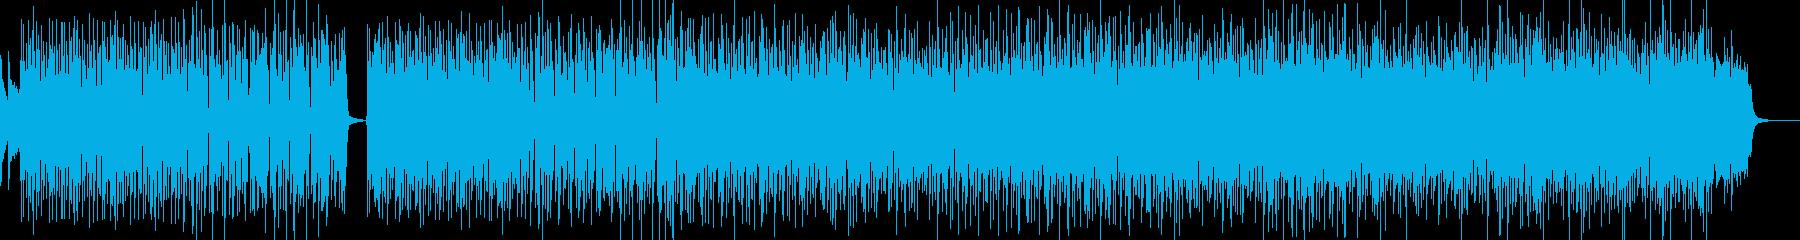 大都市夜景のファンキーサウンドの再生済みの波形